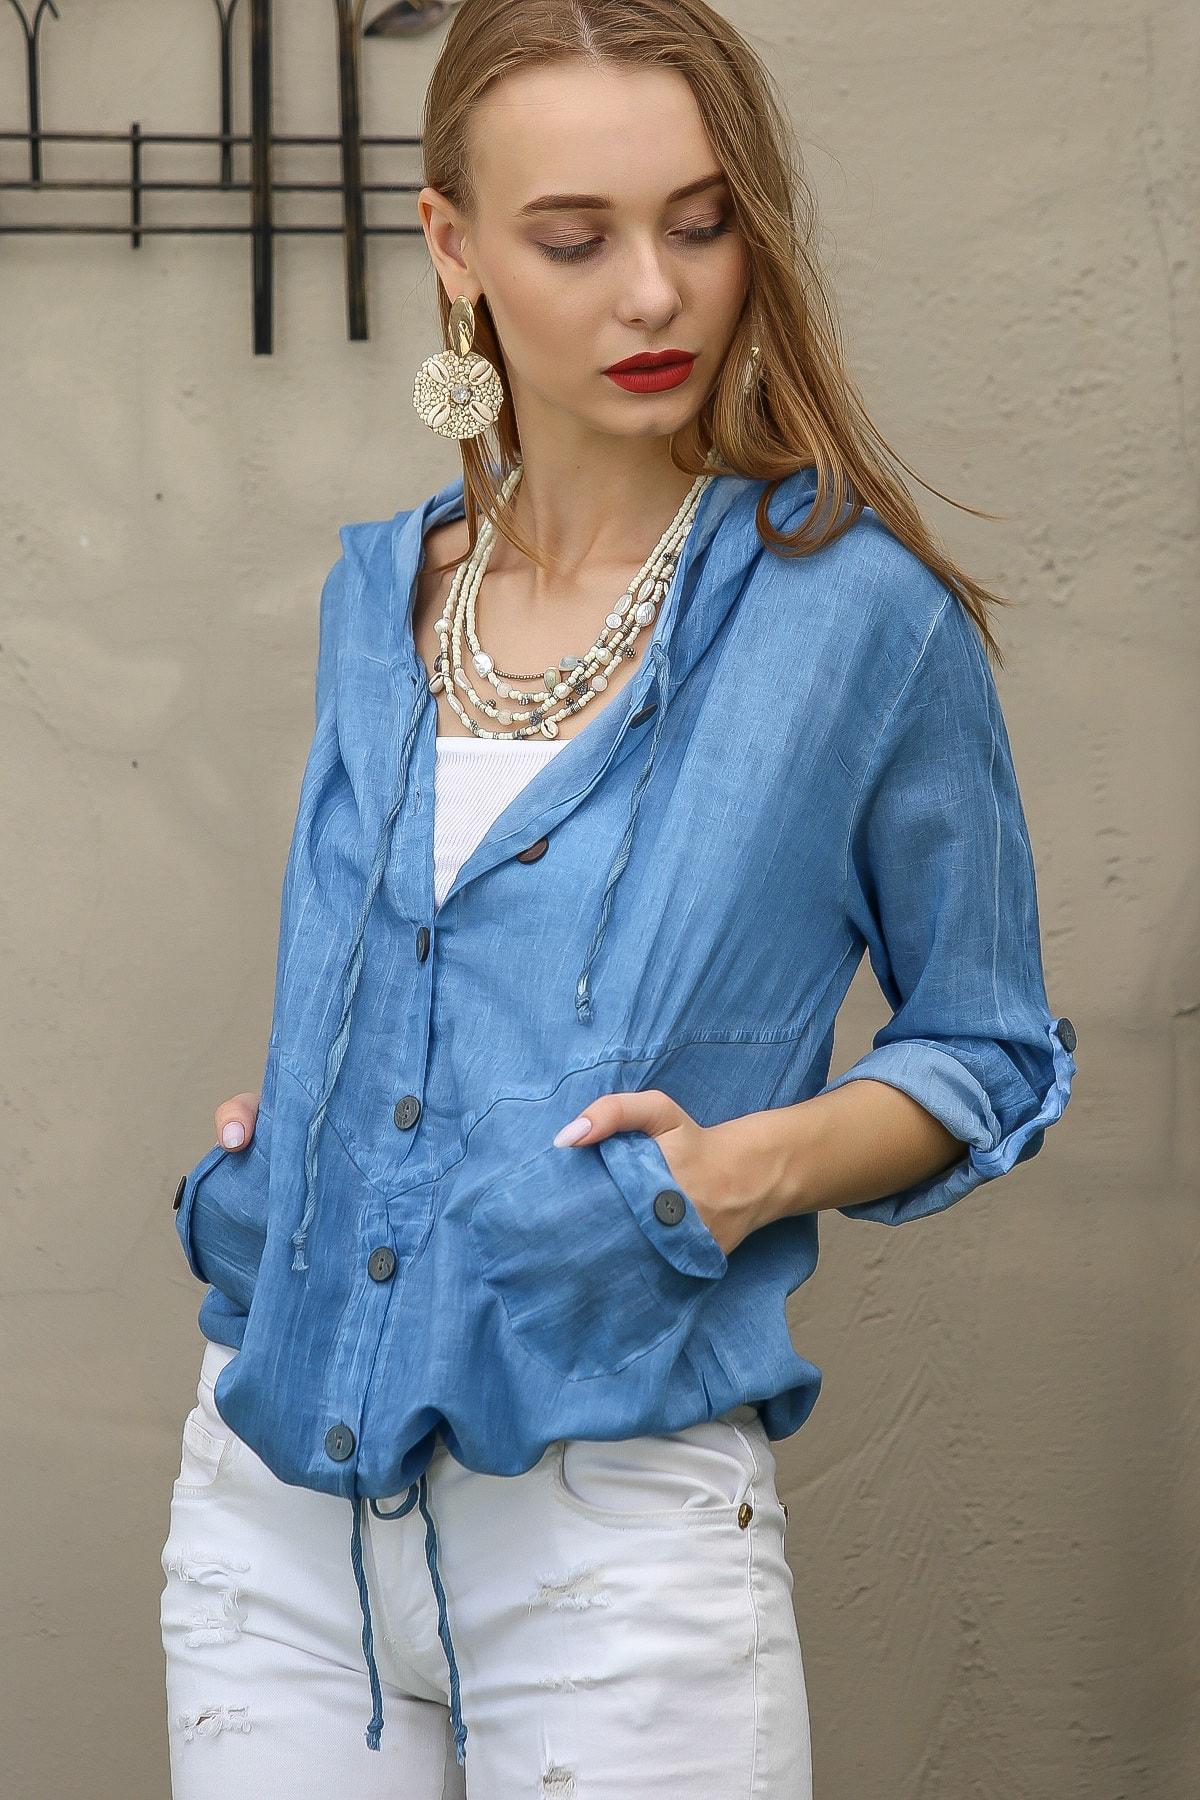 Chiccy Kadın Mavi Casual Kapüşonlu Düğmeli Beli Ip Detaylı Büzgülü Yıkmalı Ceket M10210100Ce99339 2